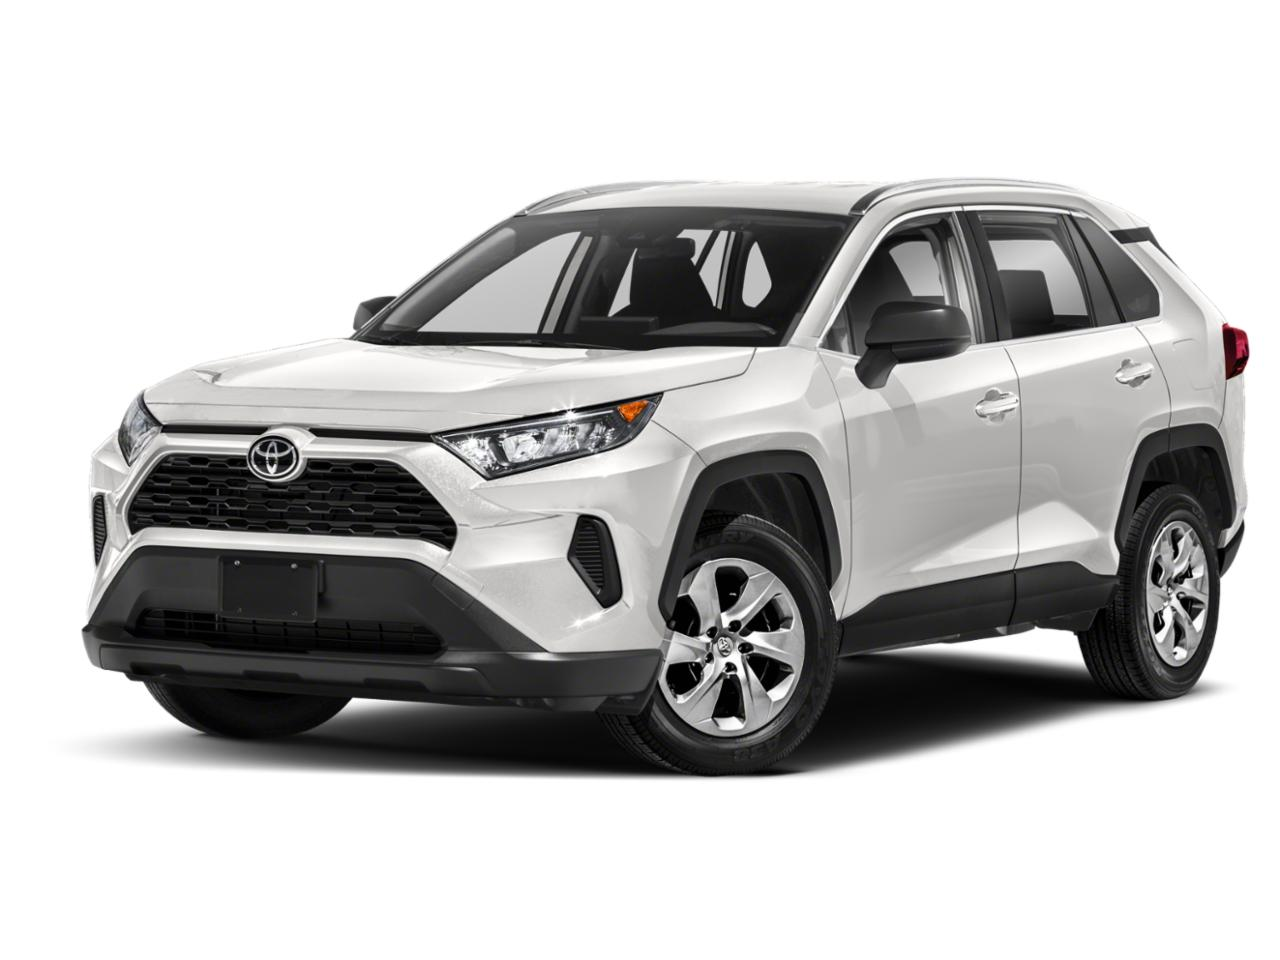 2019 Toyota RAV4 Vehicle Photo in Oshkosh, WI 54904